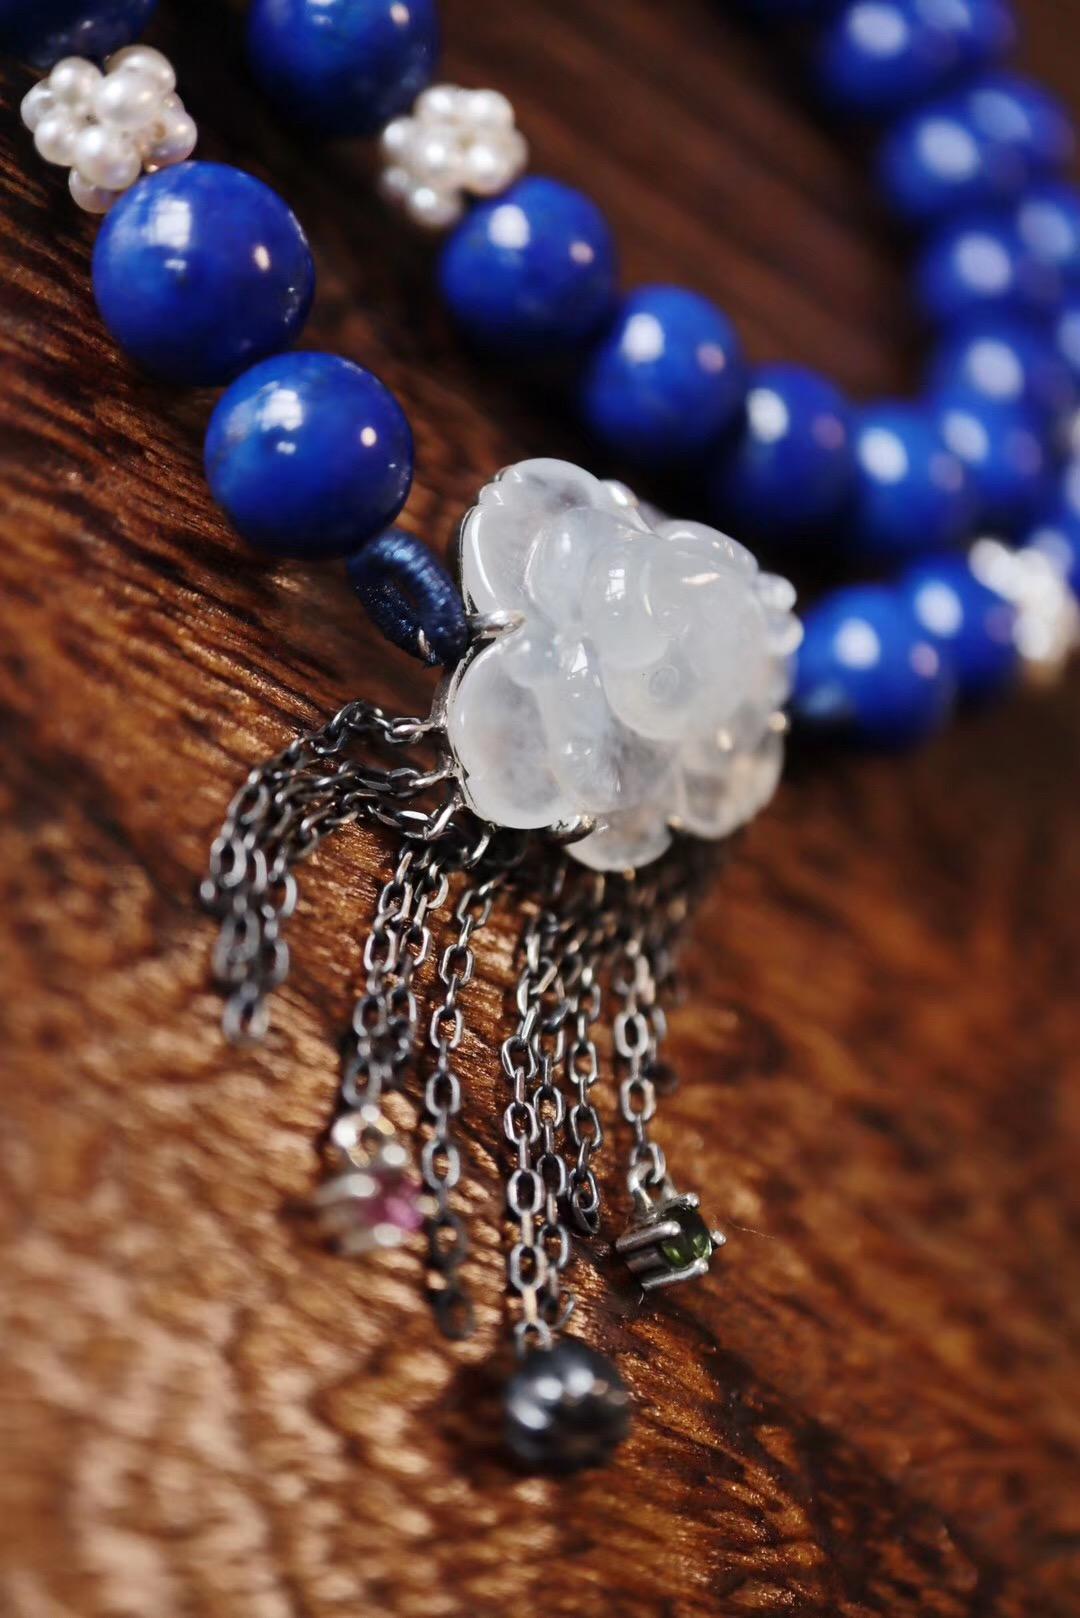 【青金石、翡翠】老矿青金的细腻,翡翠莲花的温柔-菩心晶舍